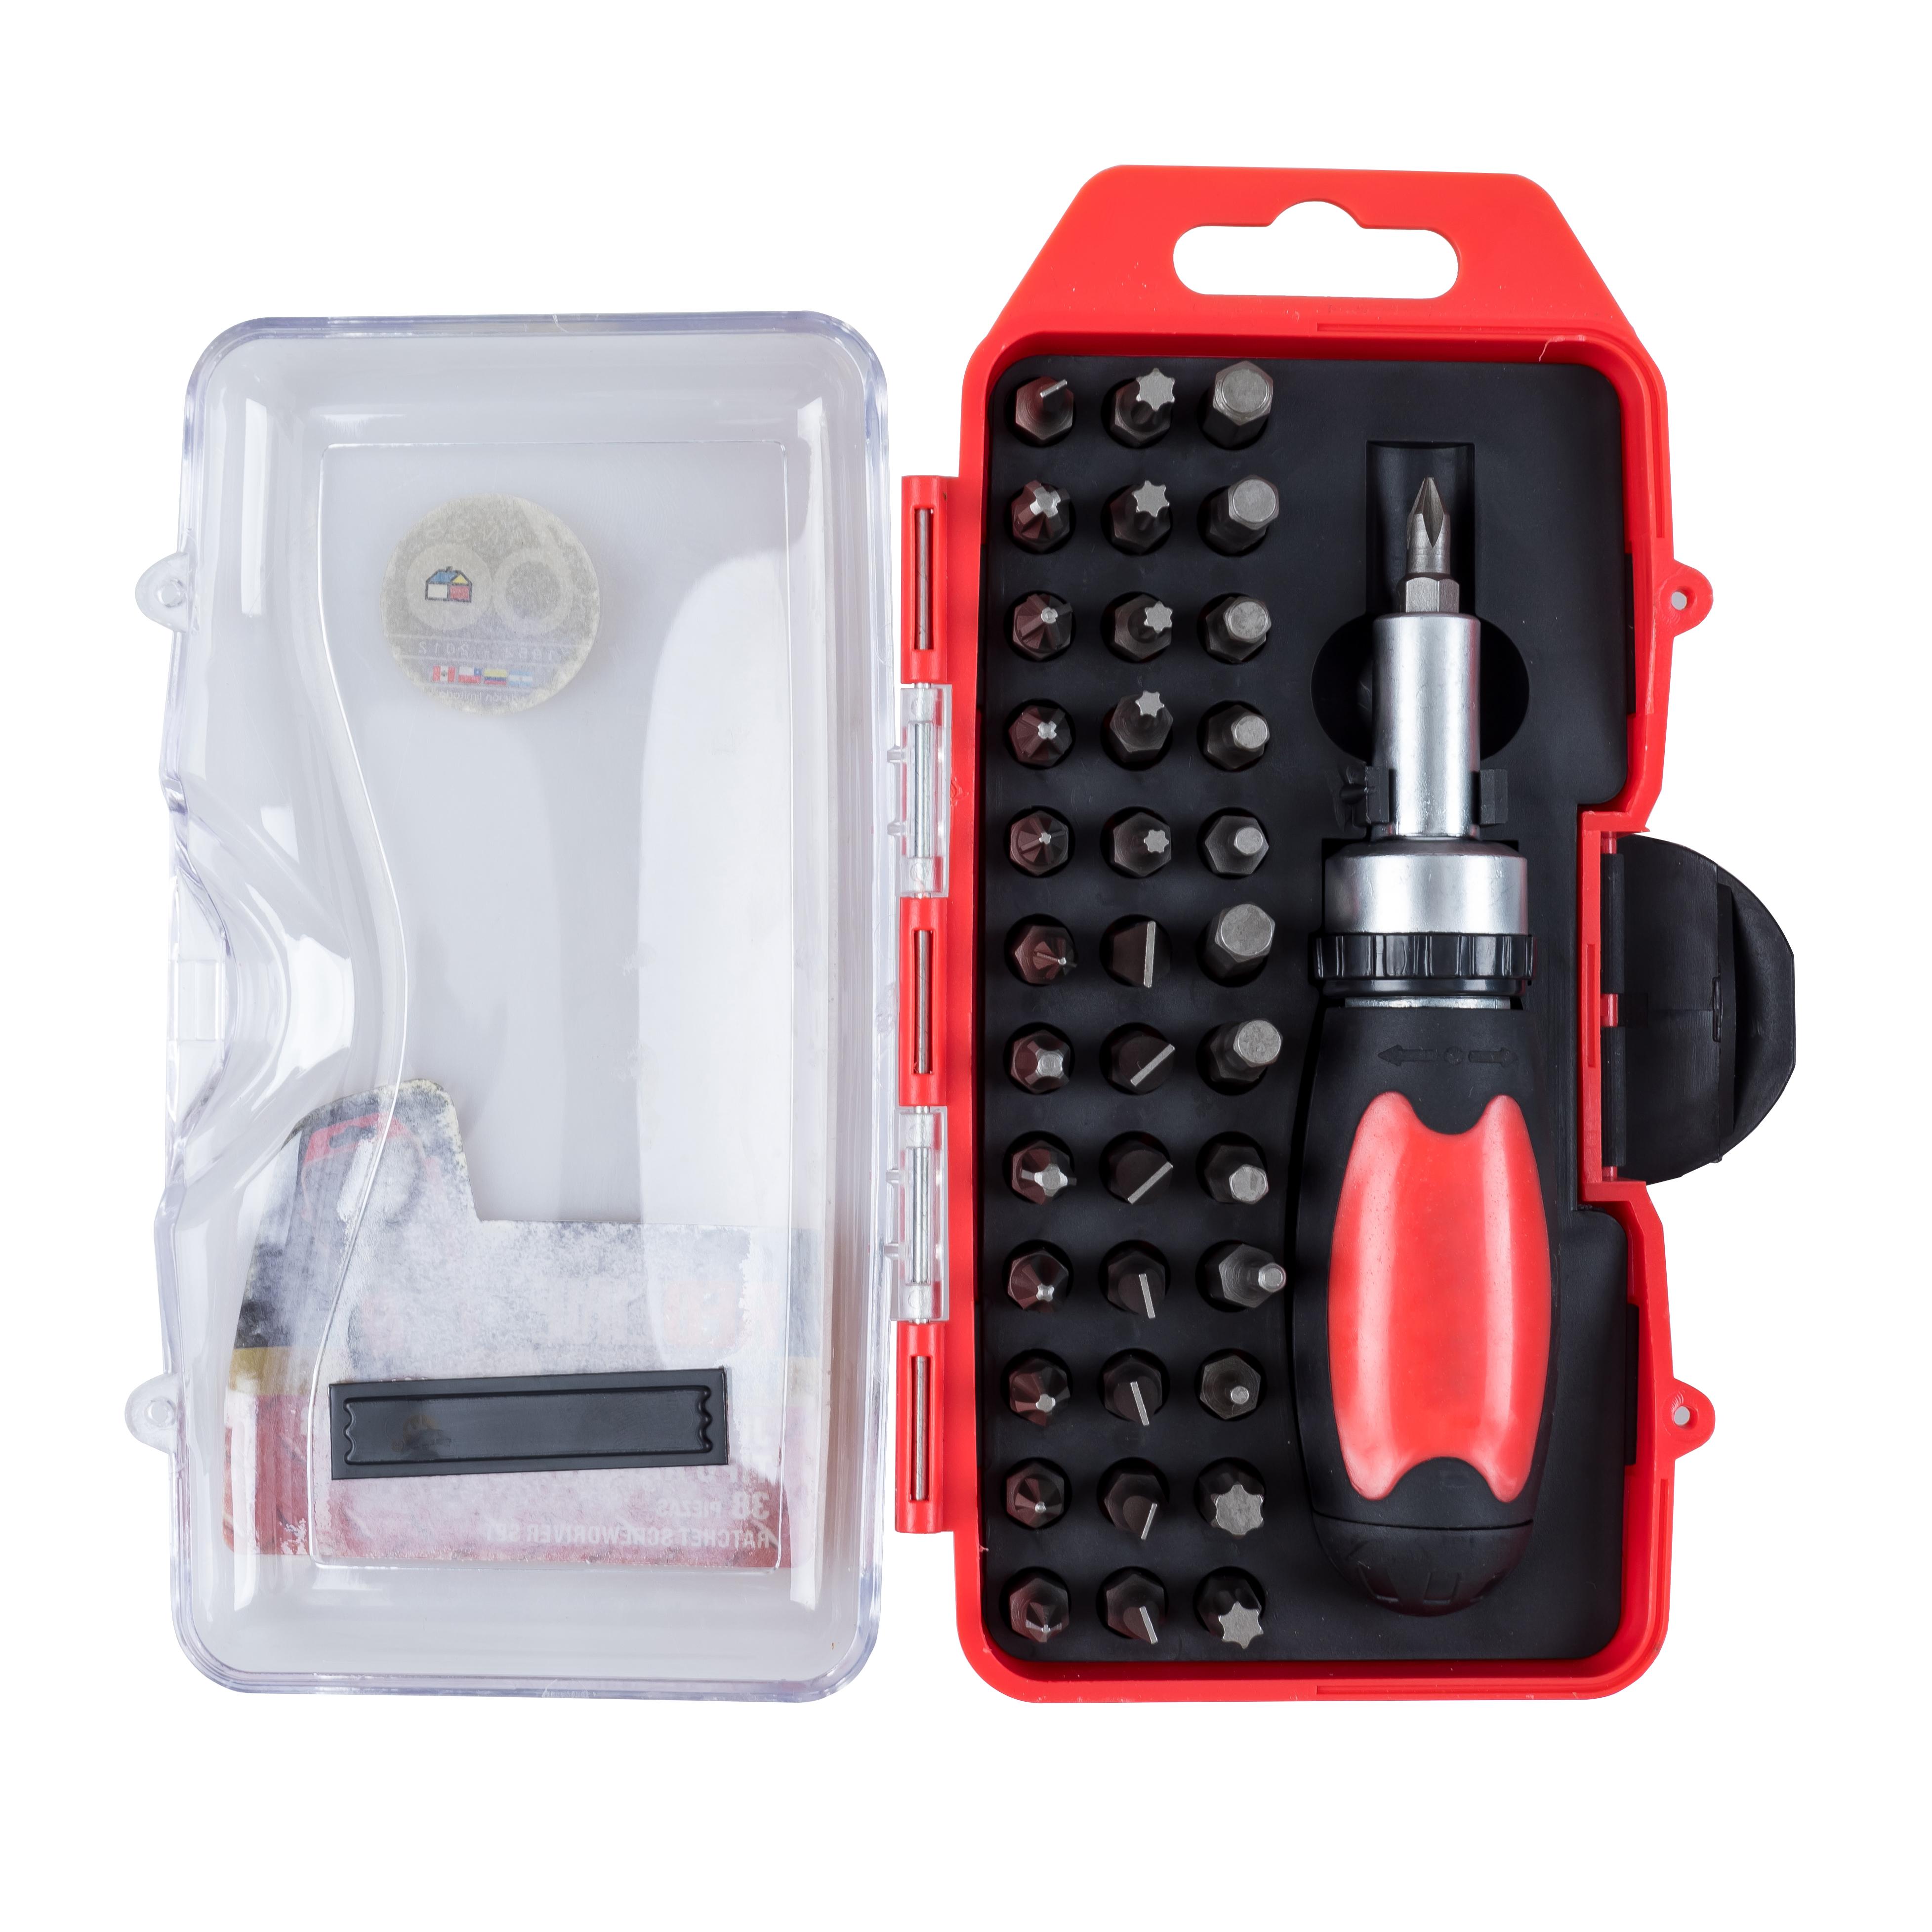 060445-01CL 37pc ratchet screwdriver & bit set